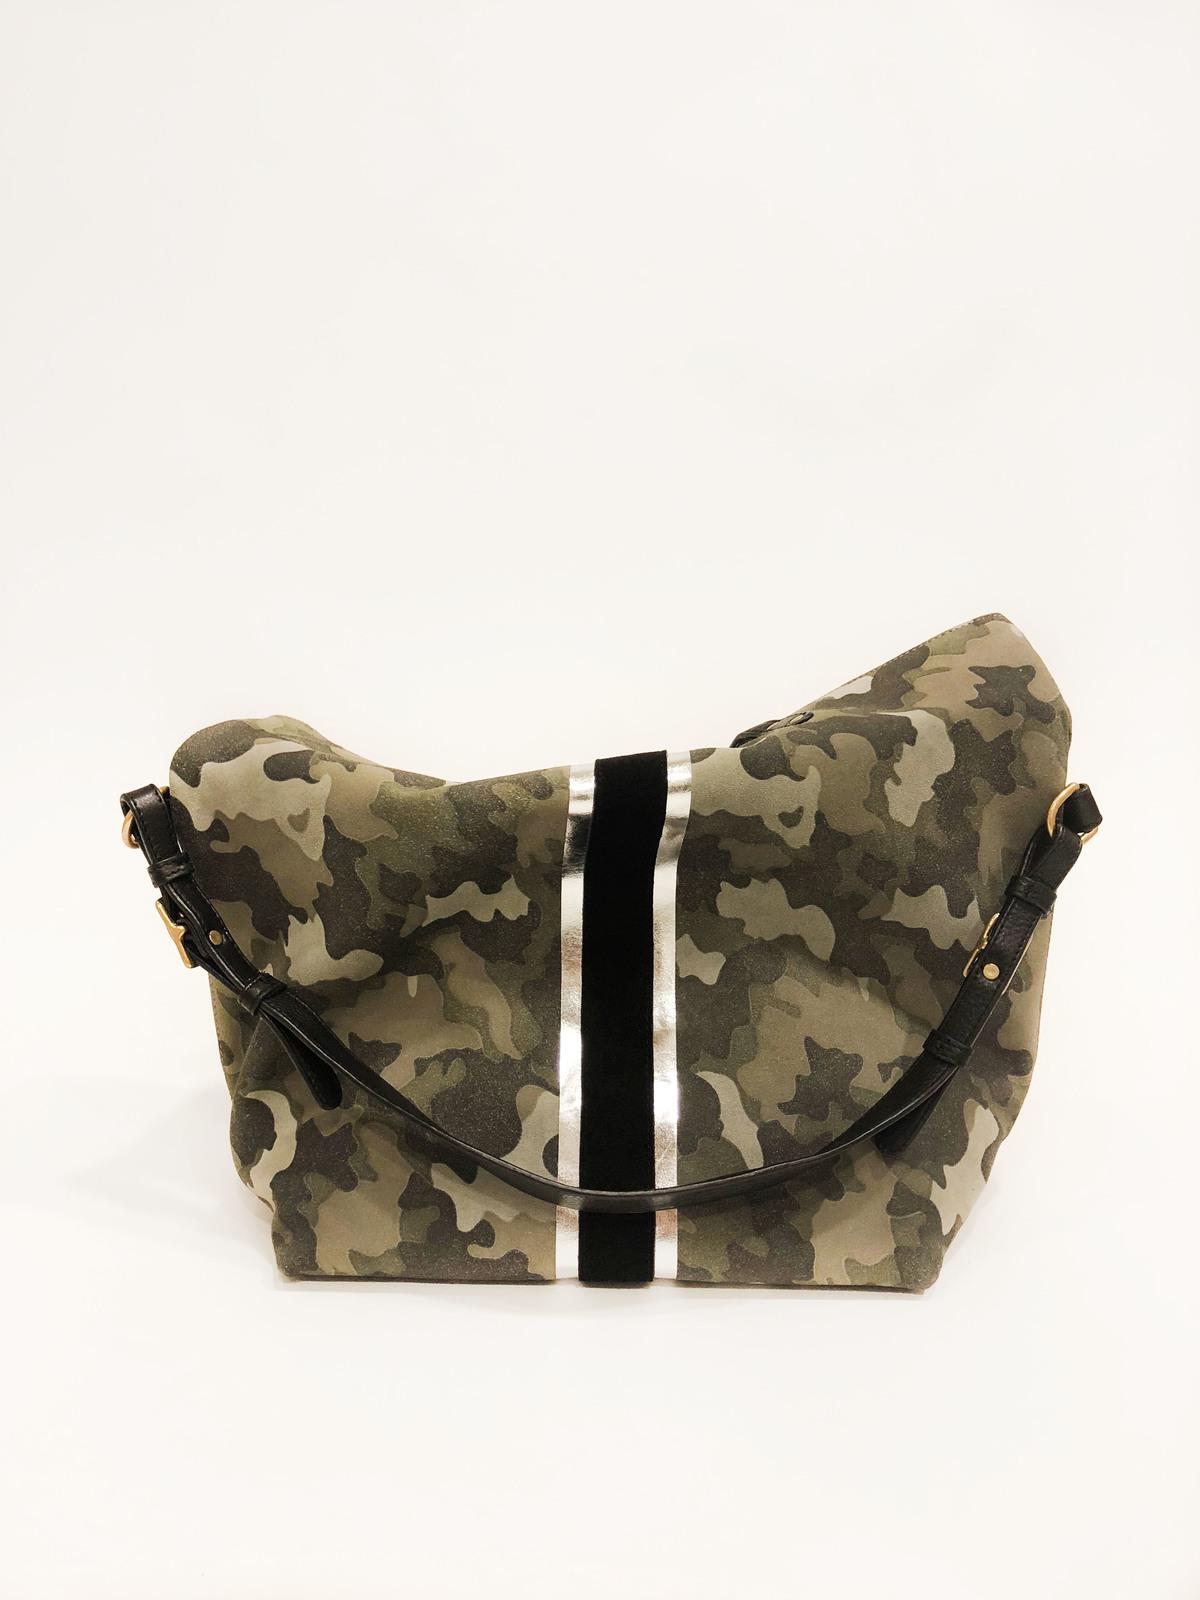 c2a19d5db7 Kempton   Co. Morleigh Suede Foldover Handbag Tote - Camo